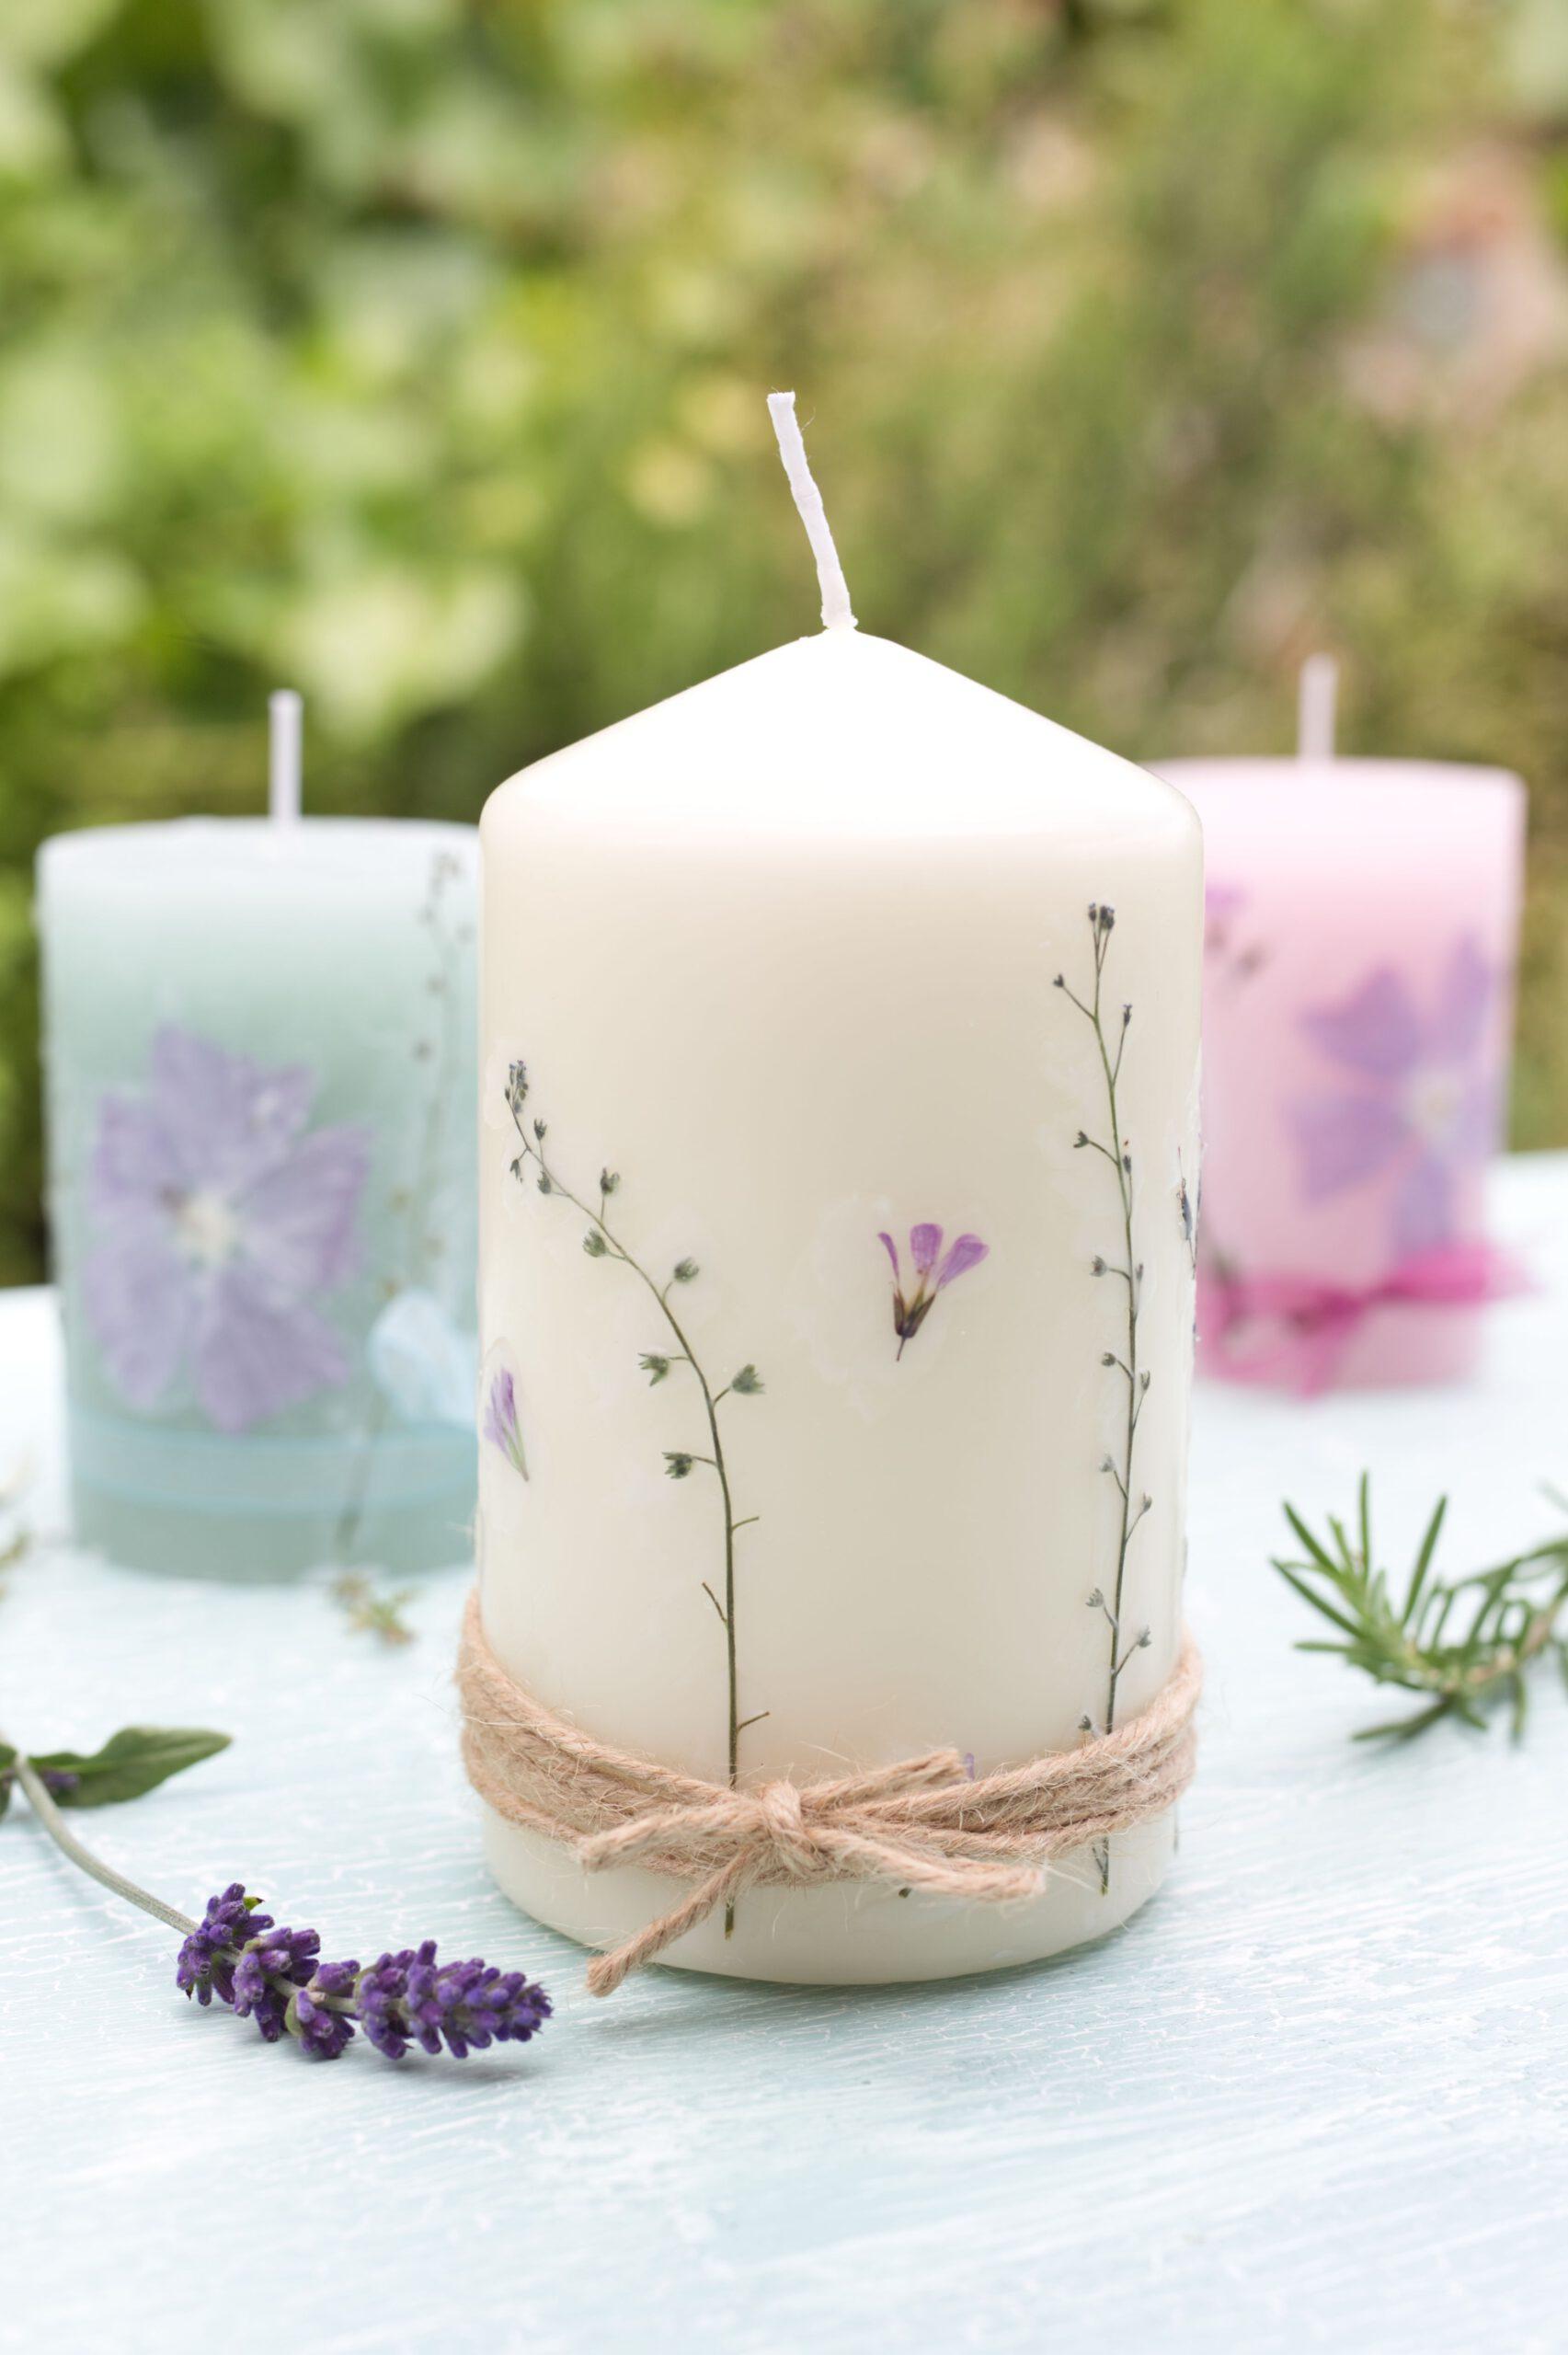 Kerzen mit selbstgepressten Blüten - einfache DIY Idee